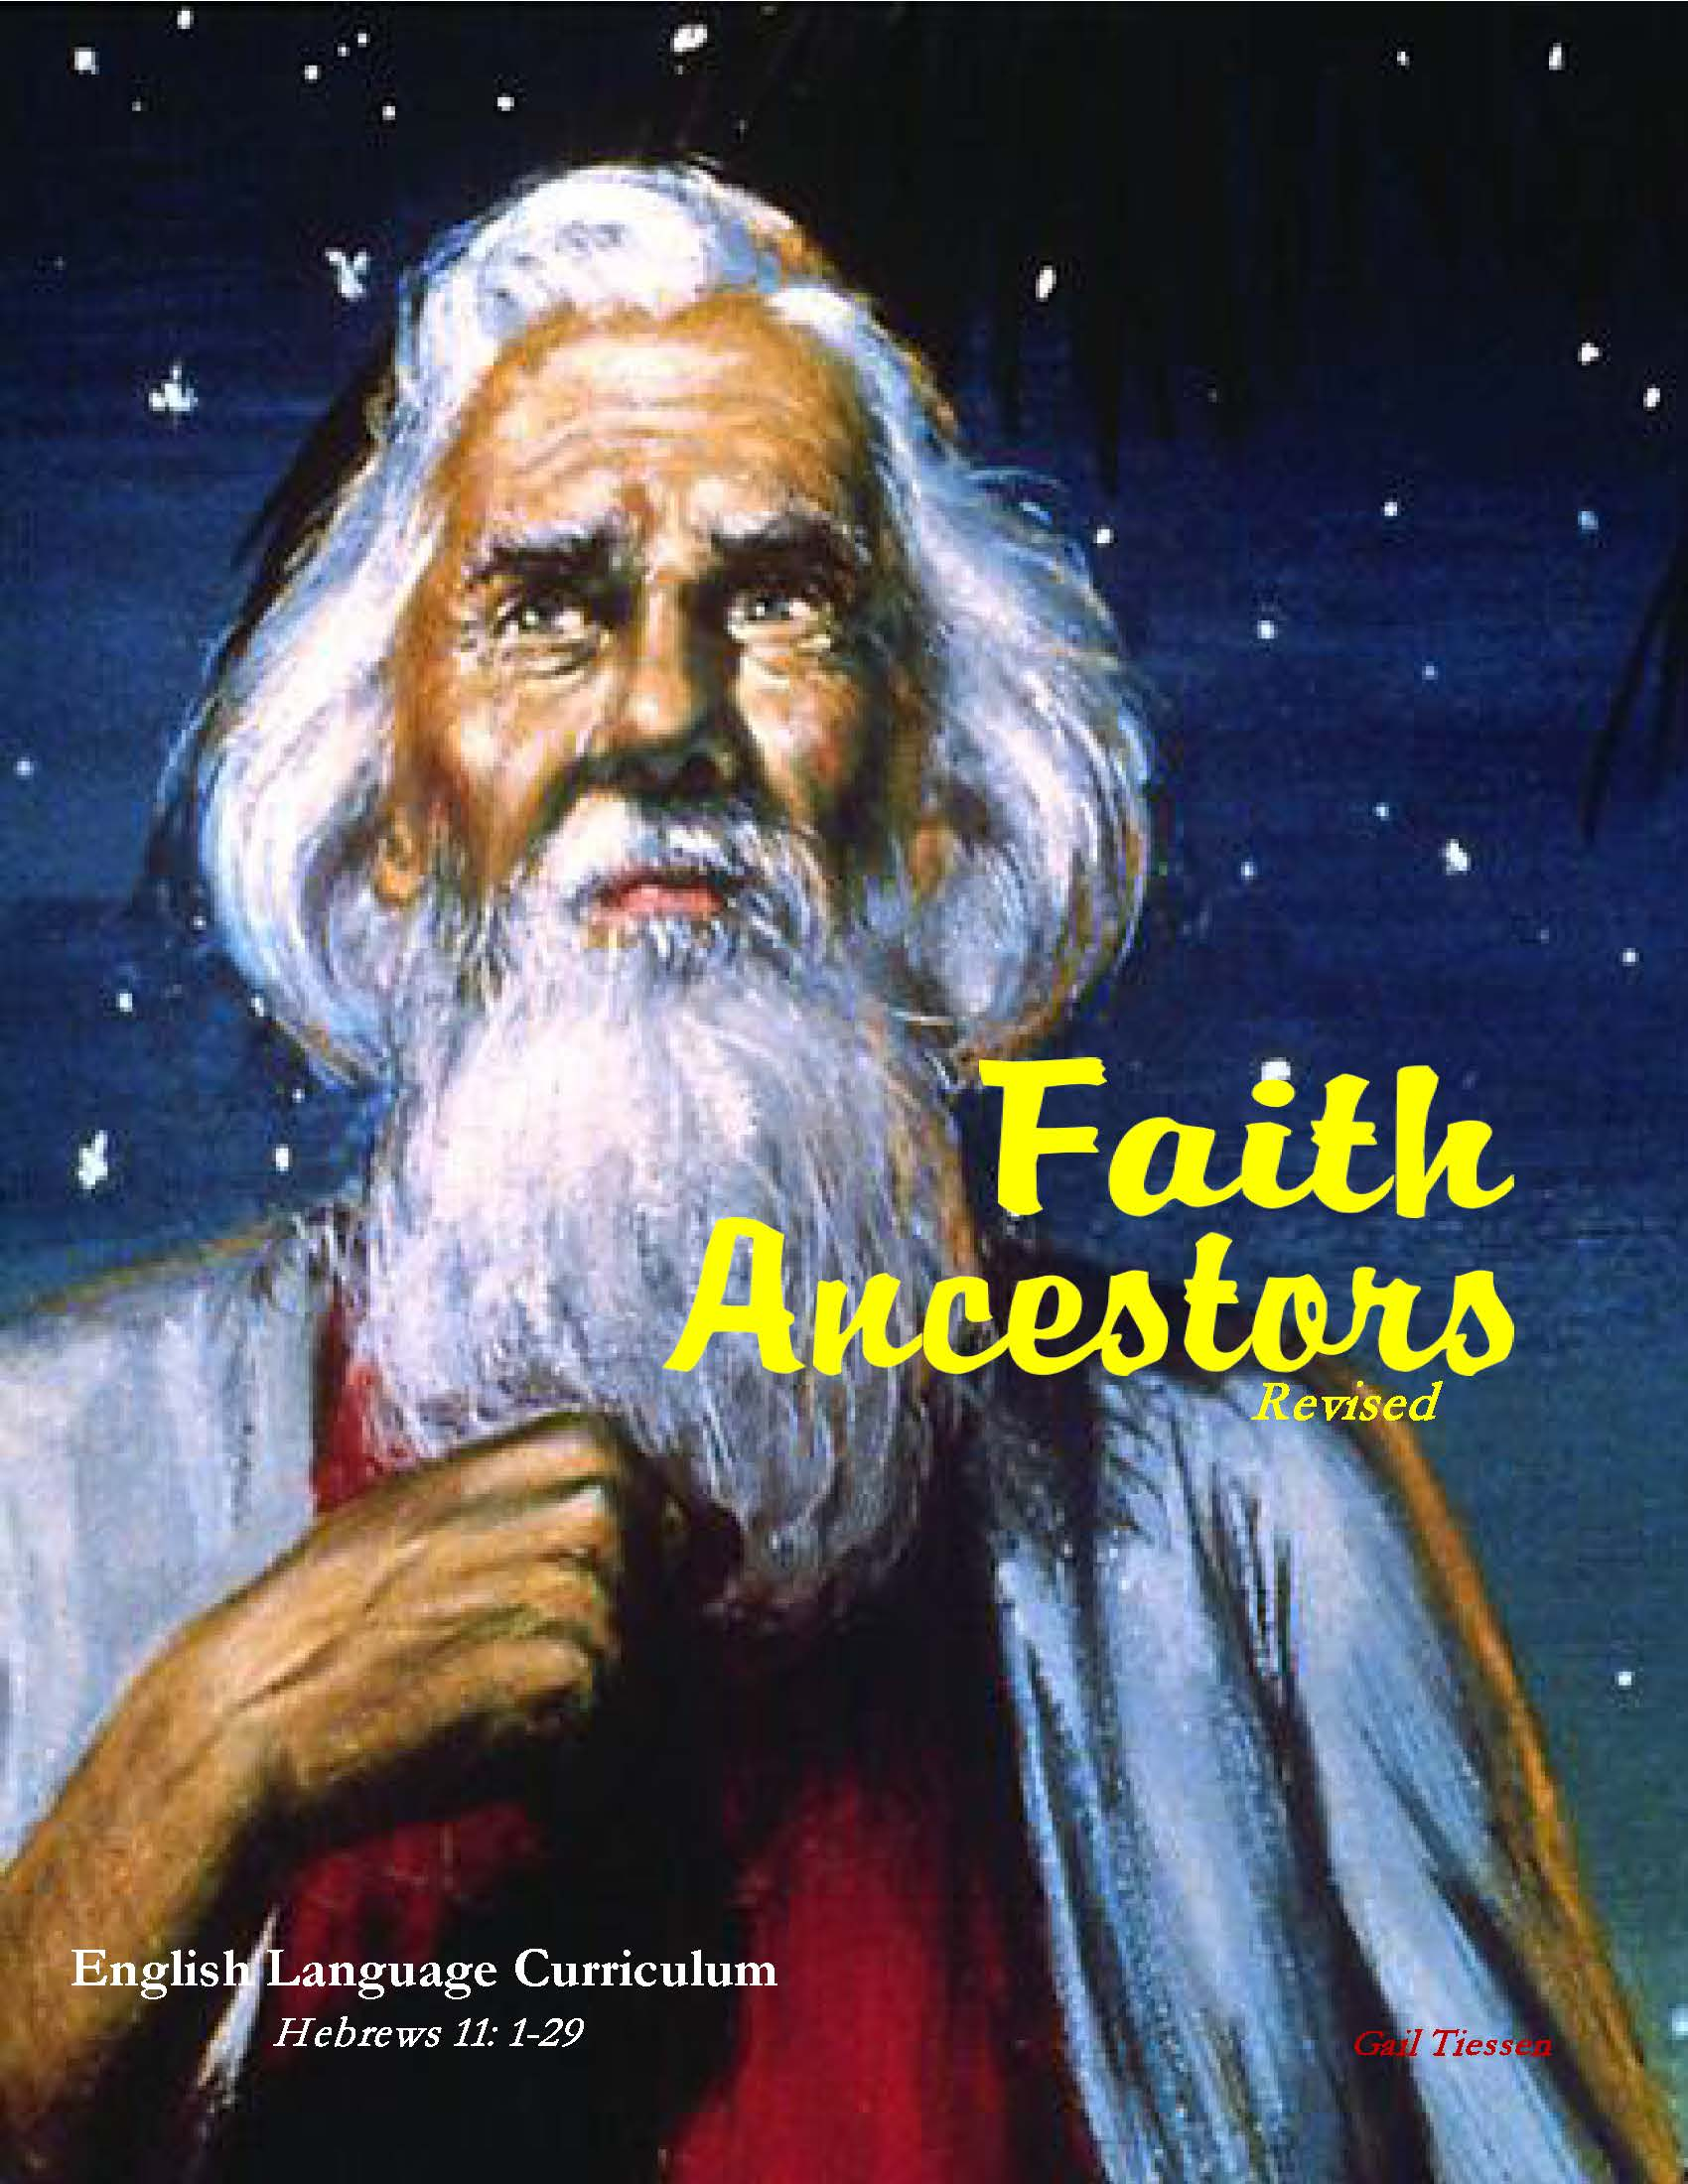 Faith Ancestors